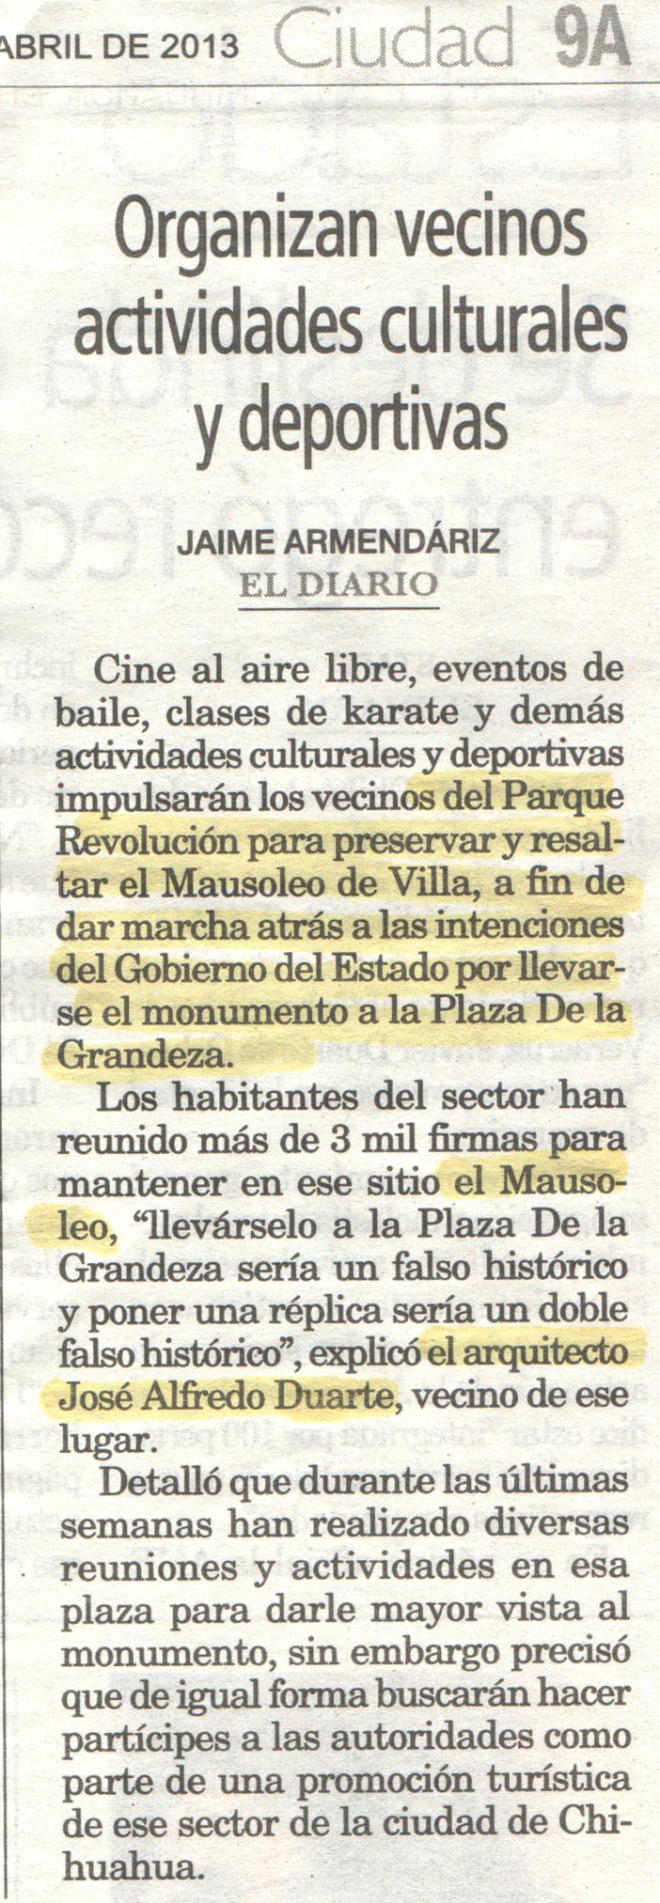 Diario 04.04.2013-2